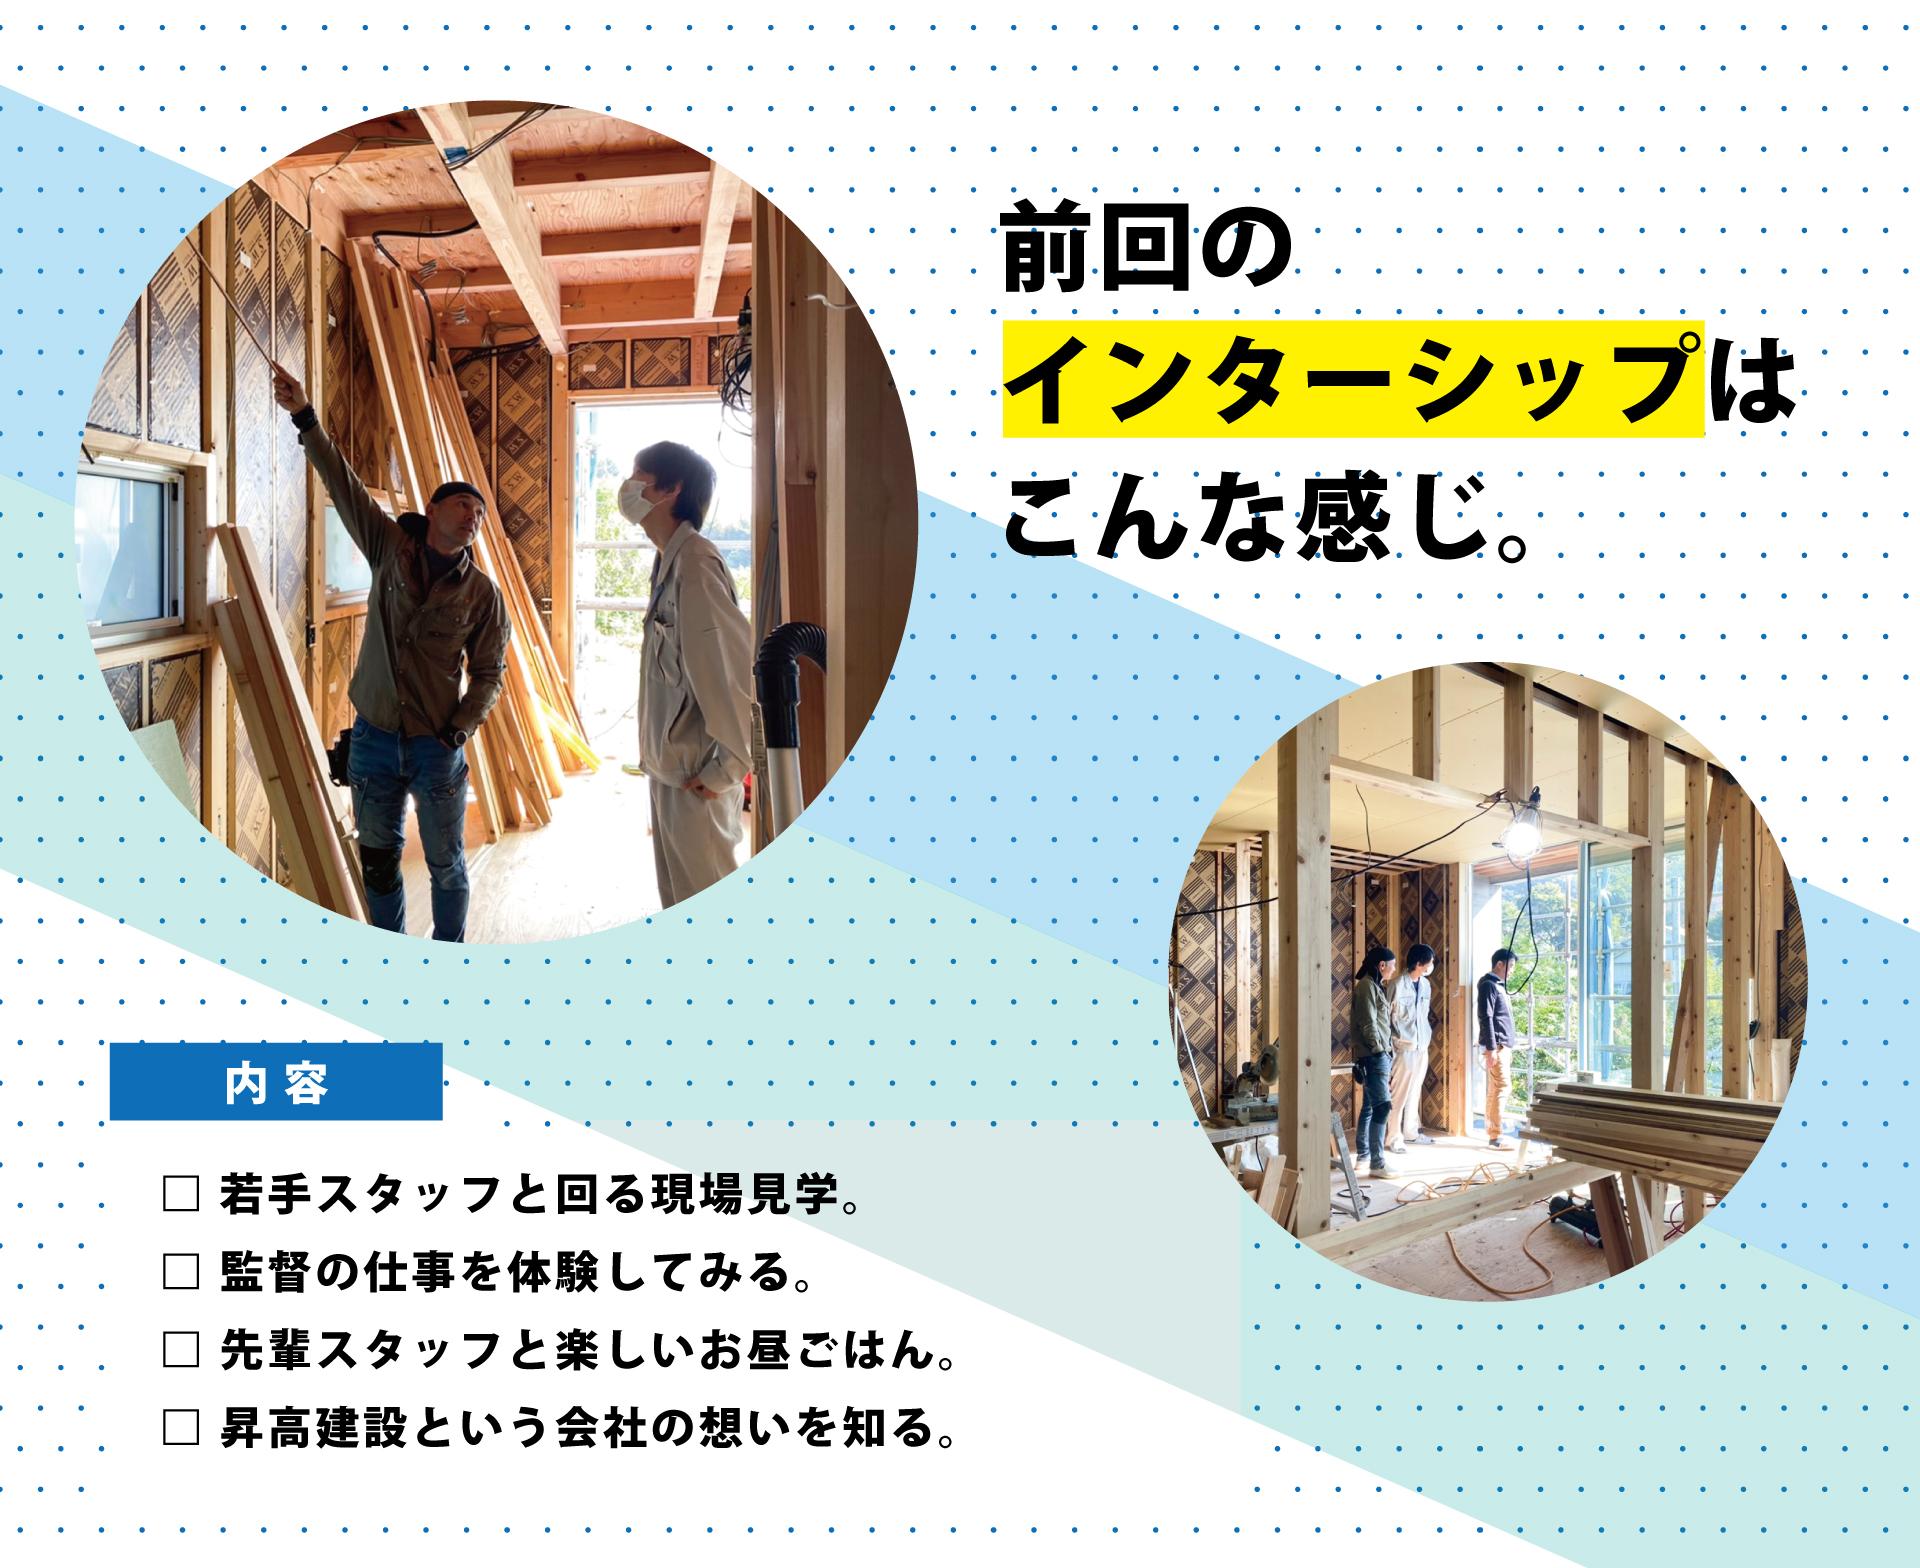 広島県福山市の工務店のインターシップの内容